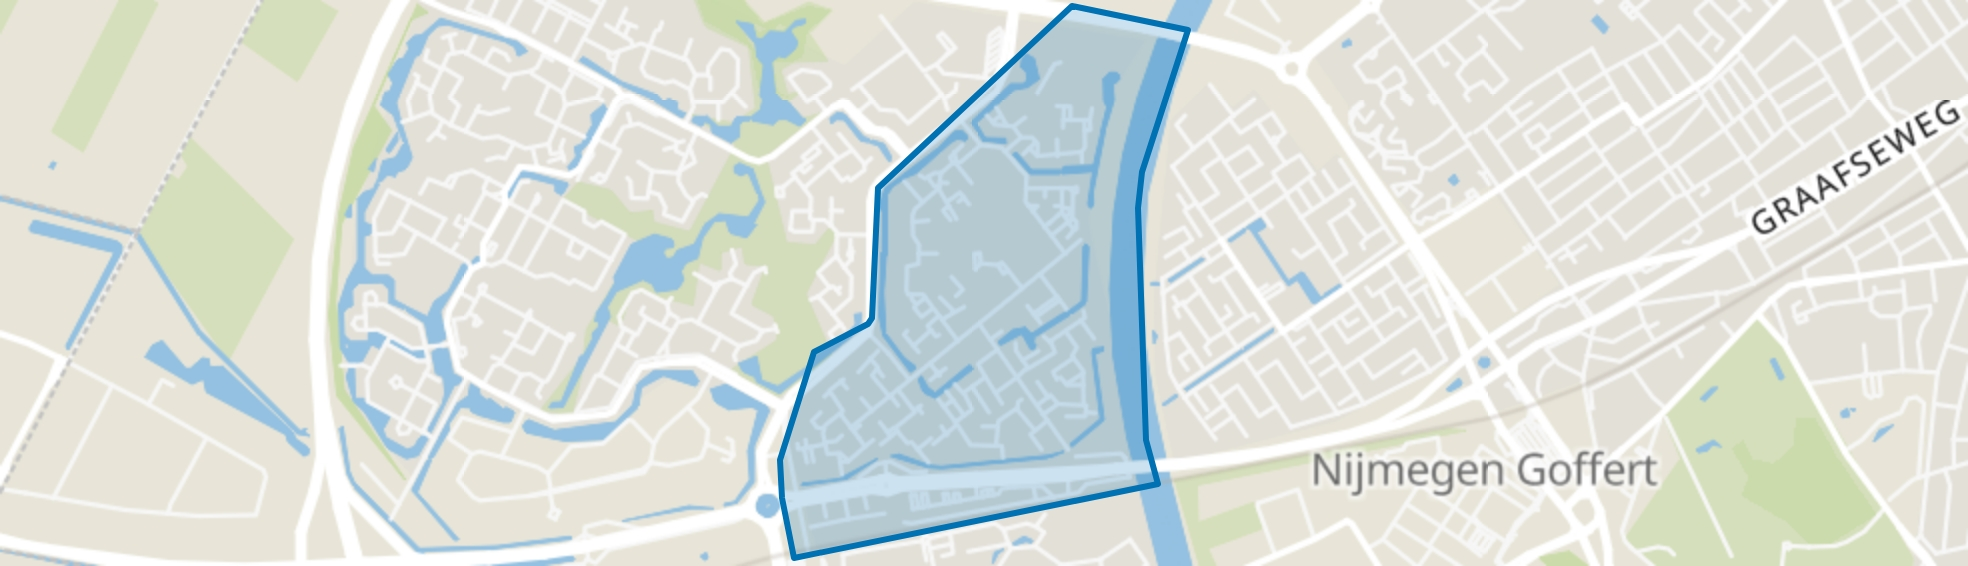 De Kamp, Nijmegen map